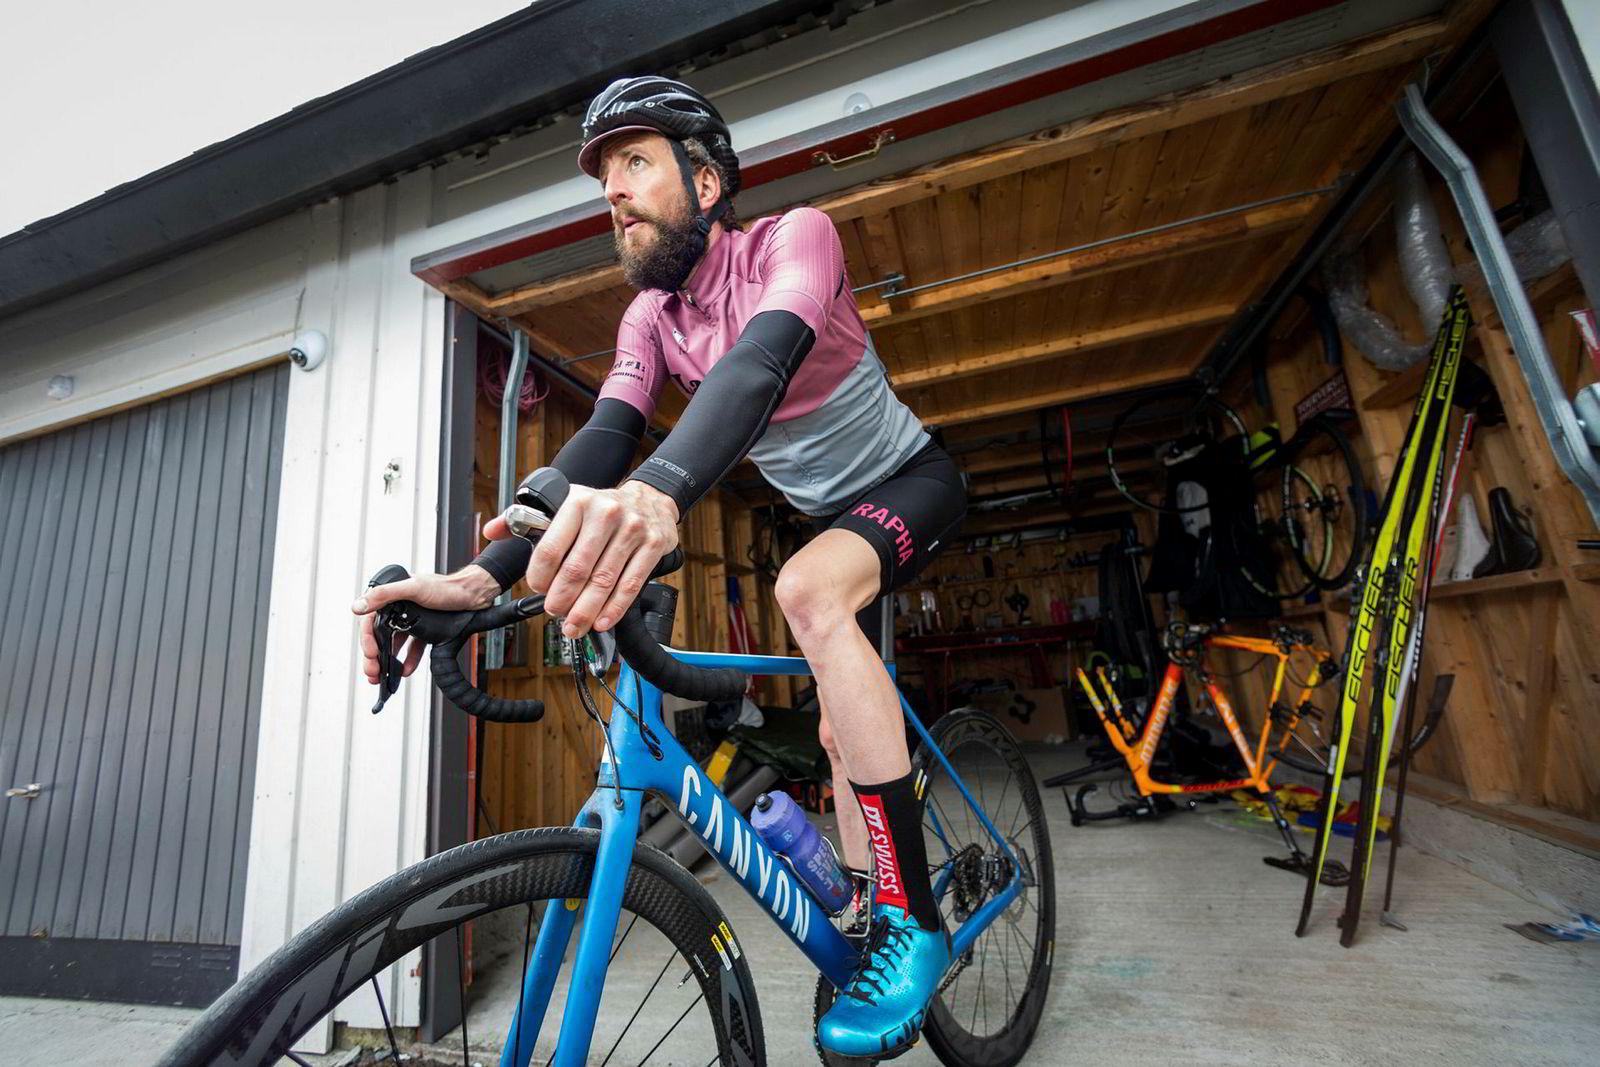 Henrik Alpers har satt vekk skiene og er på vei ut av garasjen, klar for våren med glattbarberte sykkelben. Nå etter 15 år med høvel har han for lengst landet på at hårete ben på sykkelen bare ser helt feil ut.